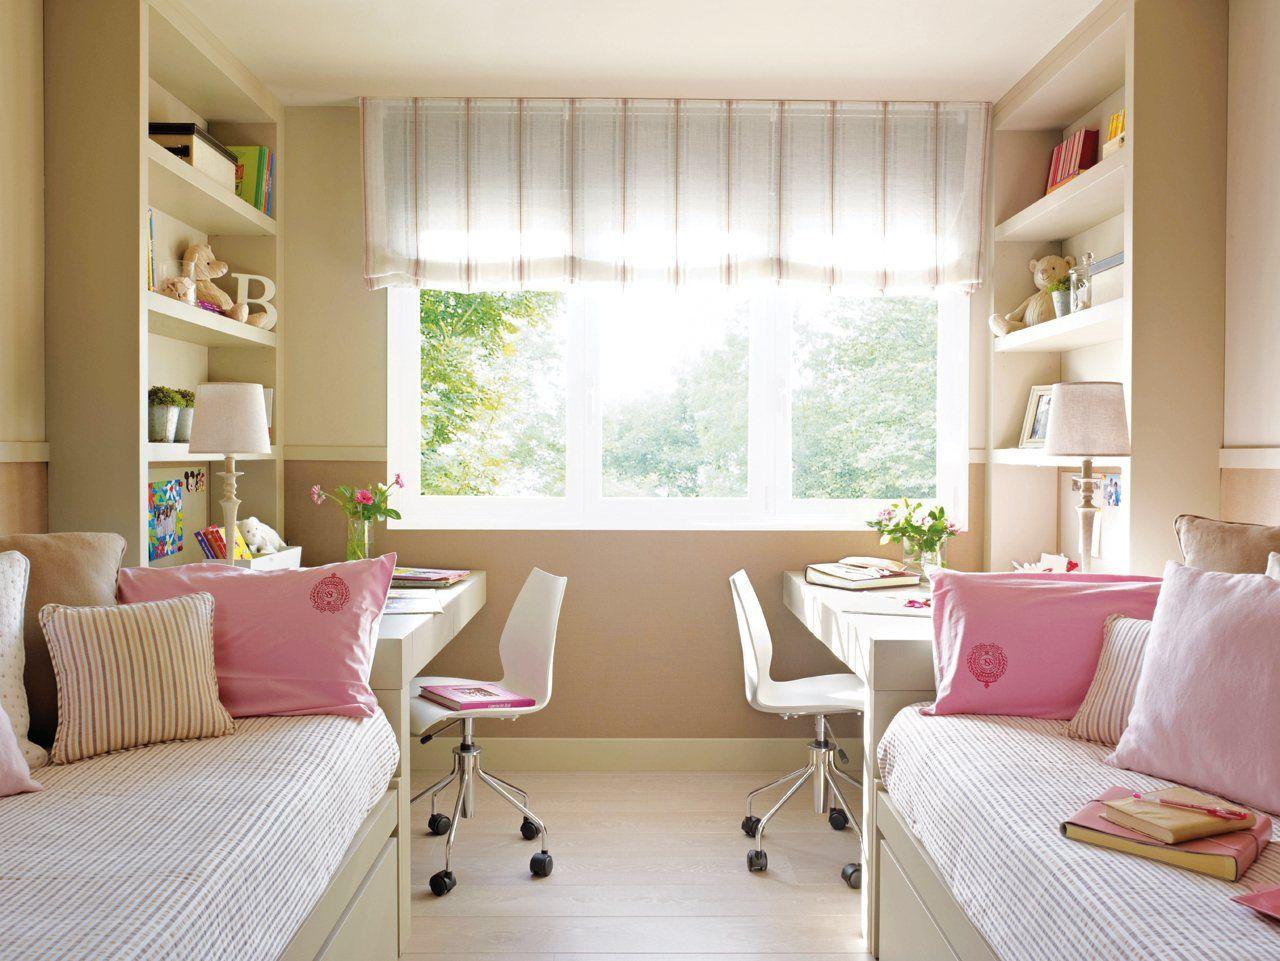 Design habitación 10 metros : Más de 25 ideas increíbles sobre Habitación doble en Pinterest ...